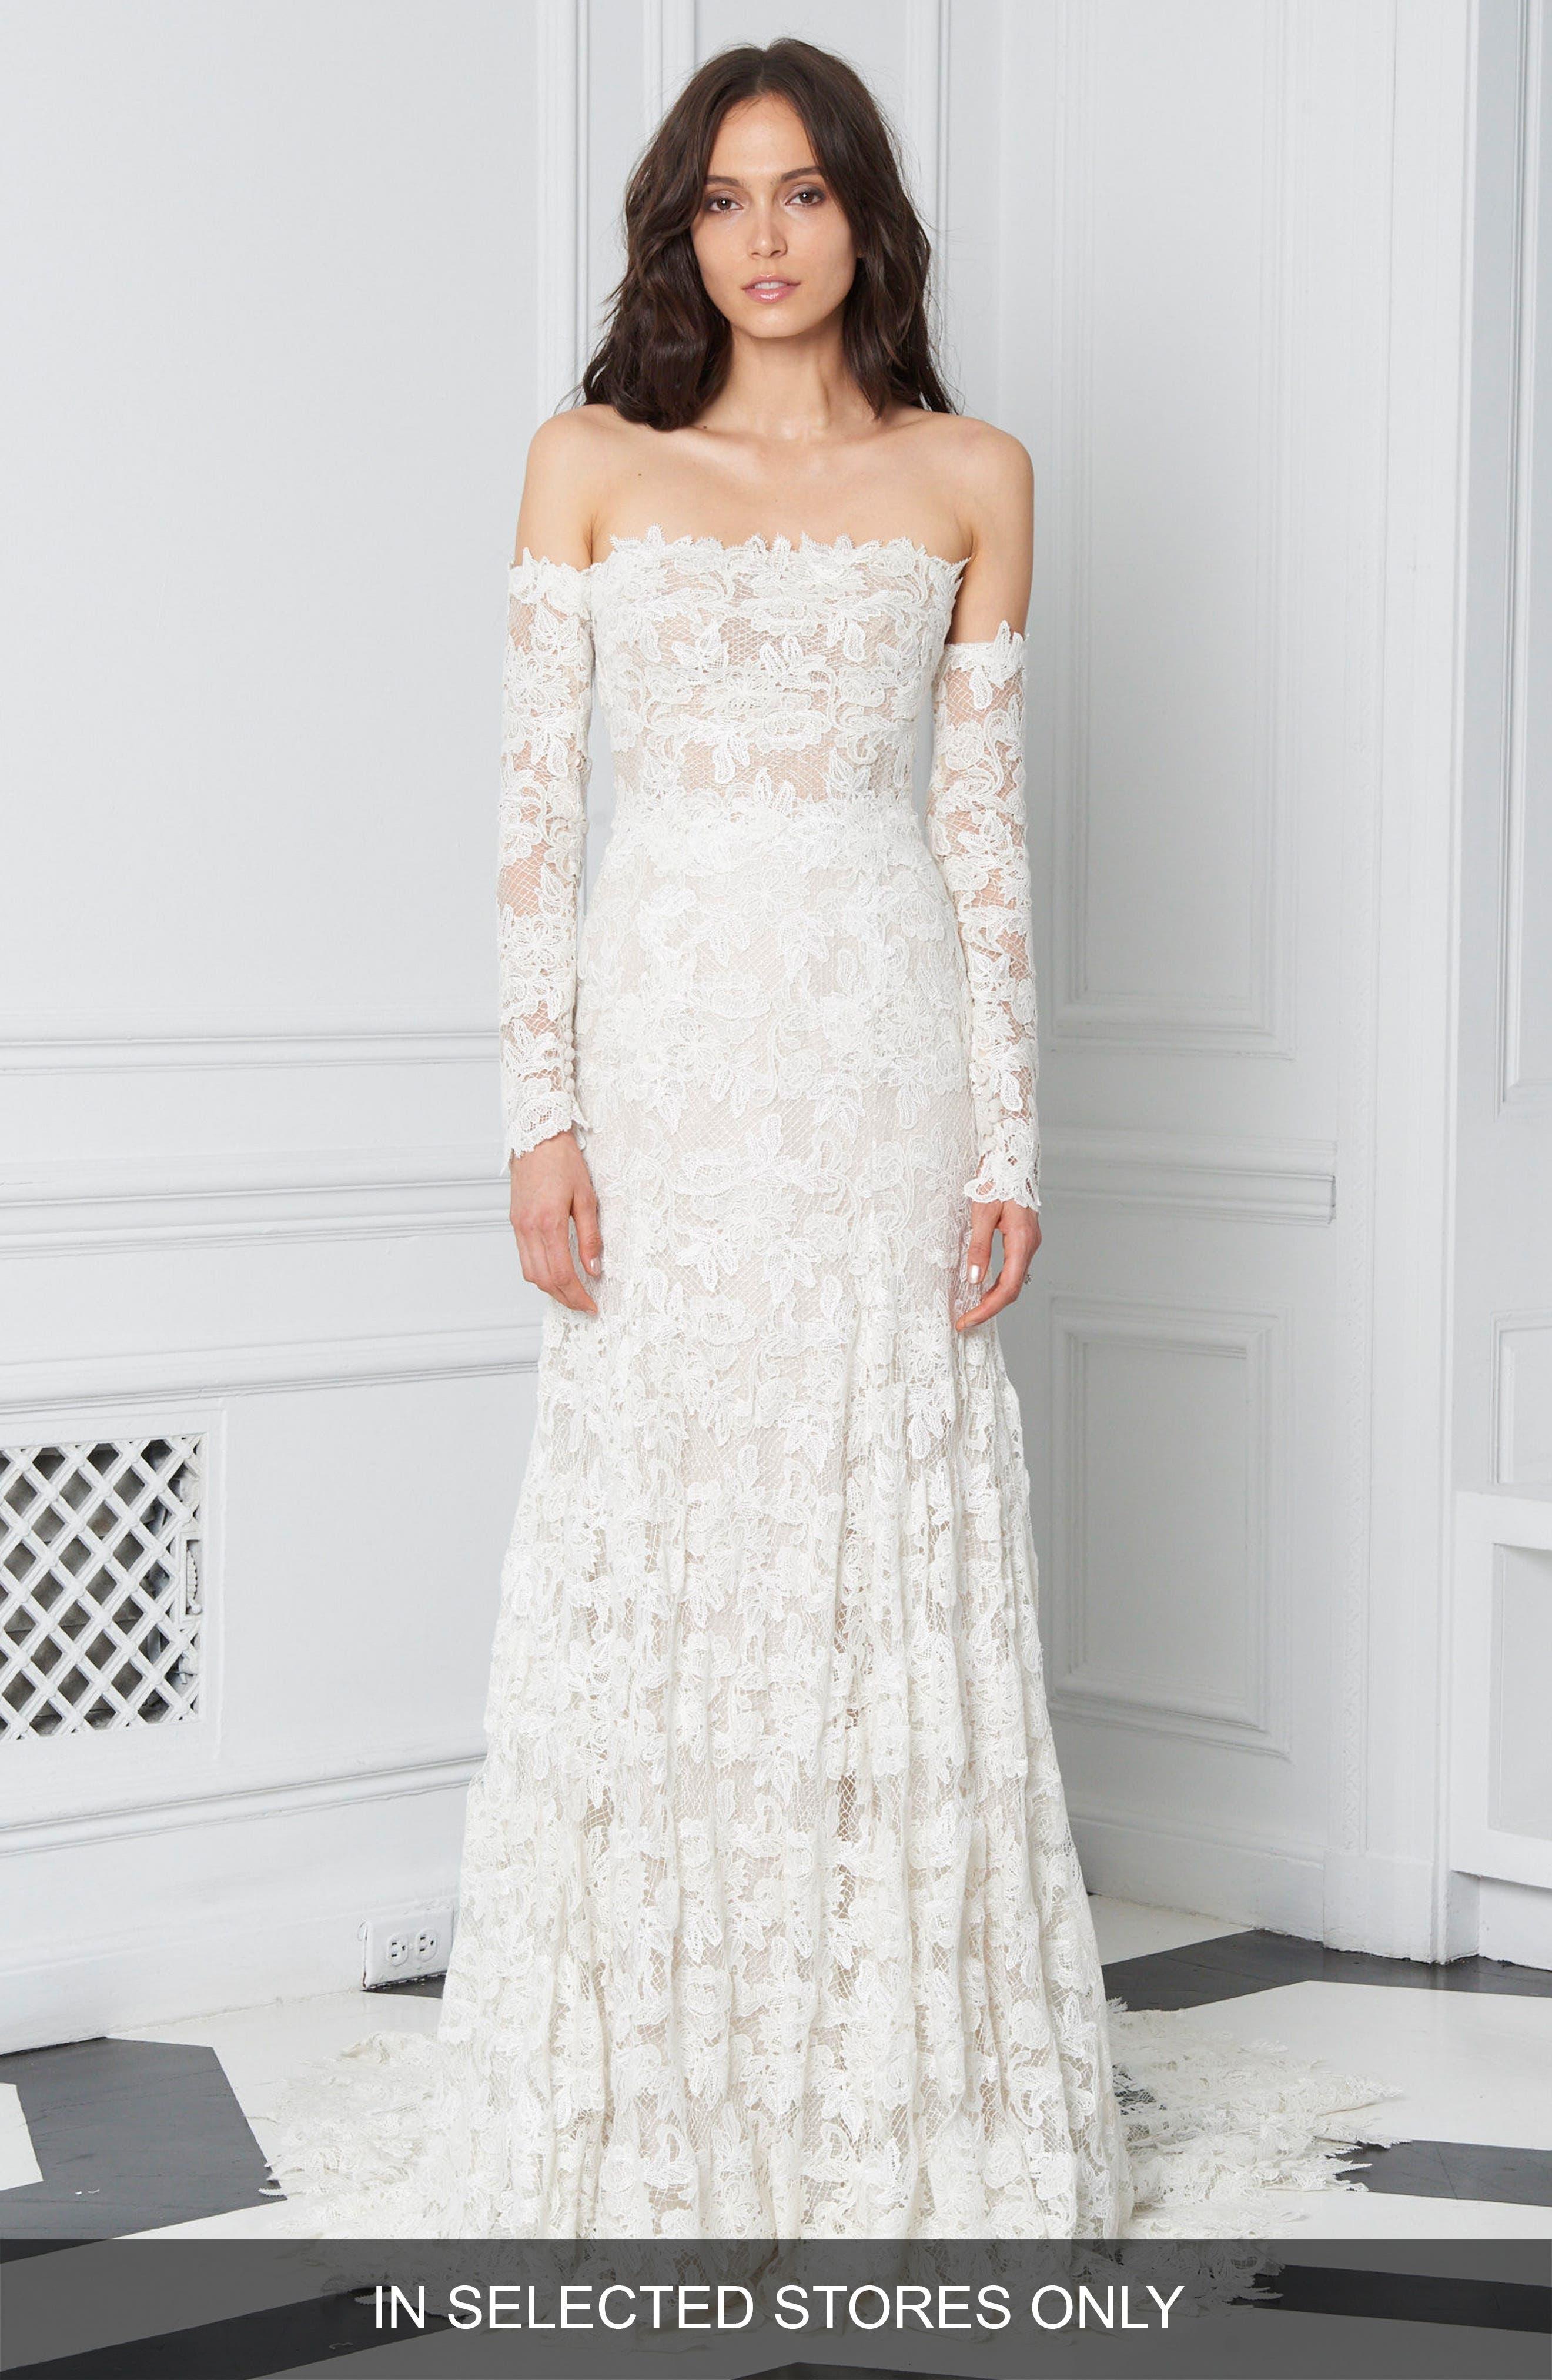 BLISS Monique Lhuillier Scalloped Lace Off the Shoulder Gown